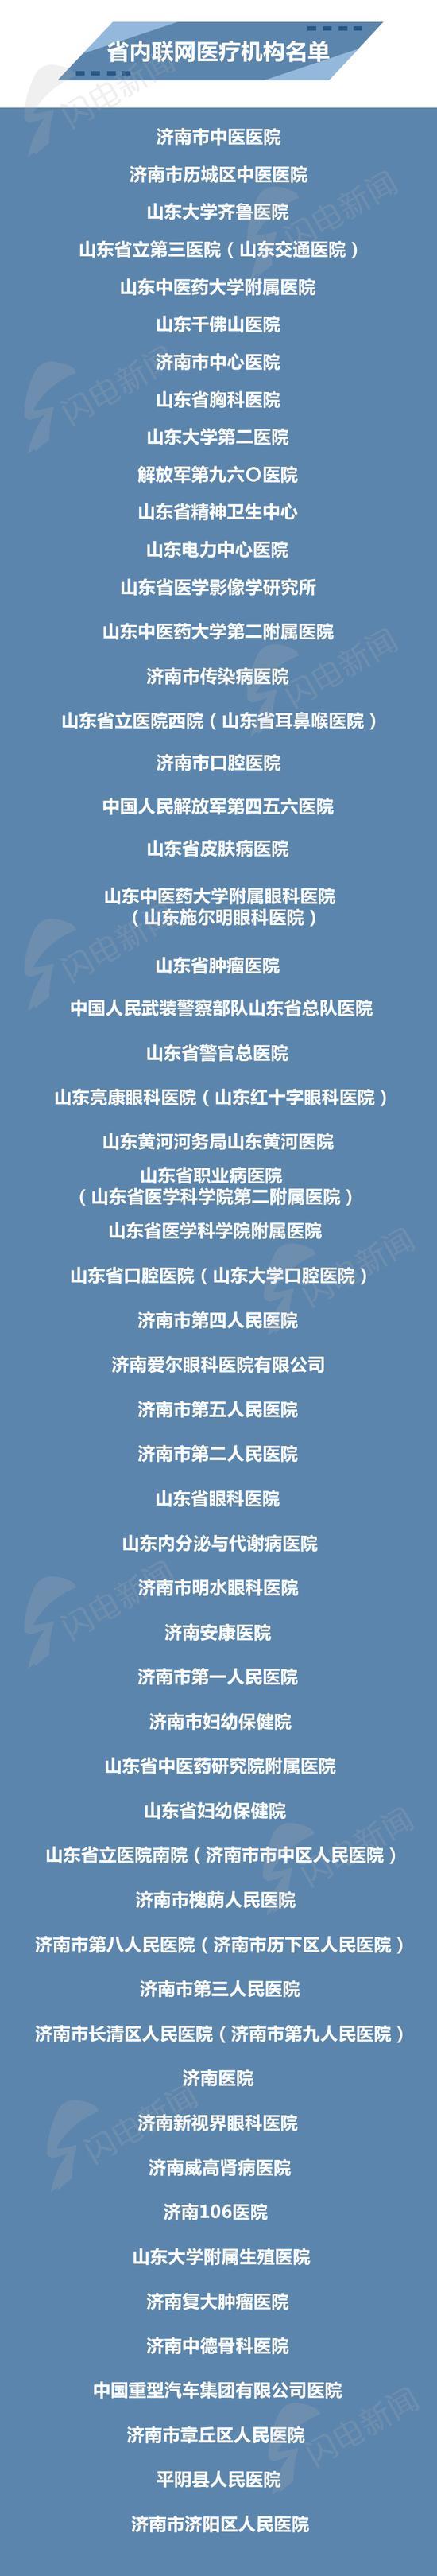 闪电新闻编辑 高亚南 张景翔(实习)综合整理